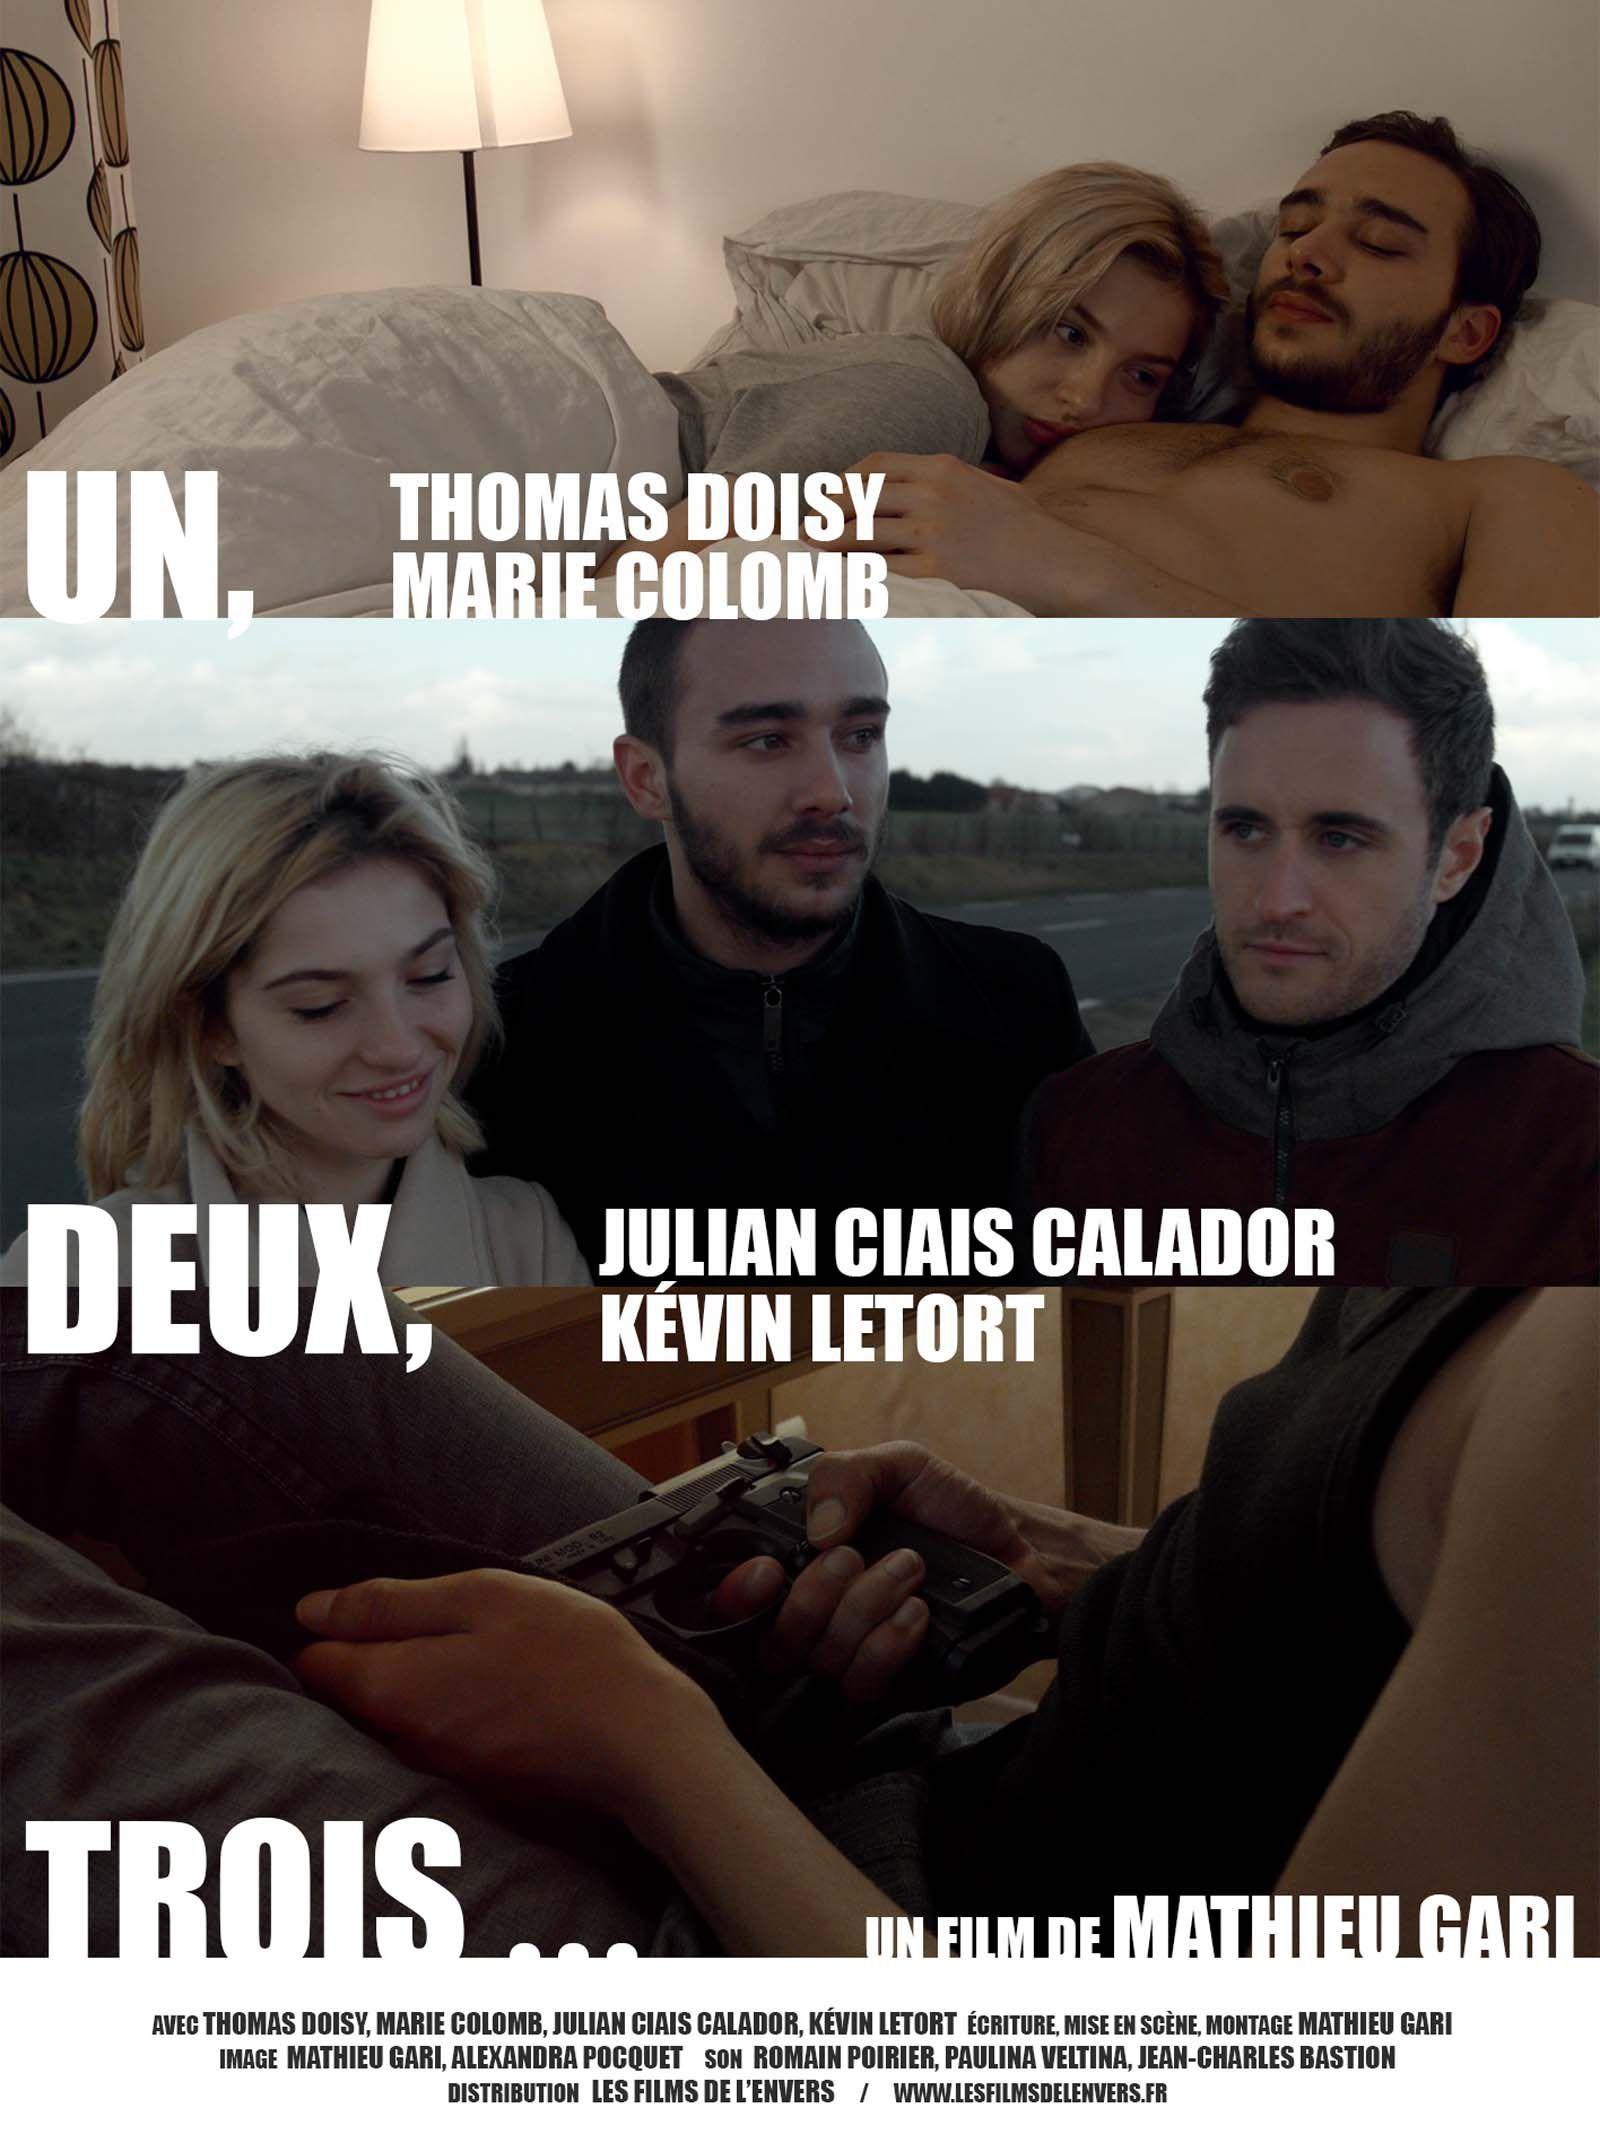 Un, deux, trois... - Film (2017)